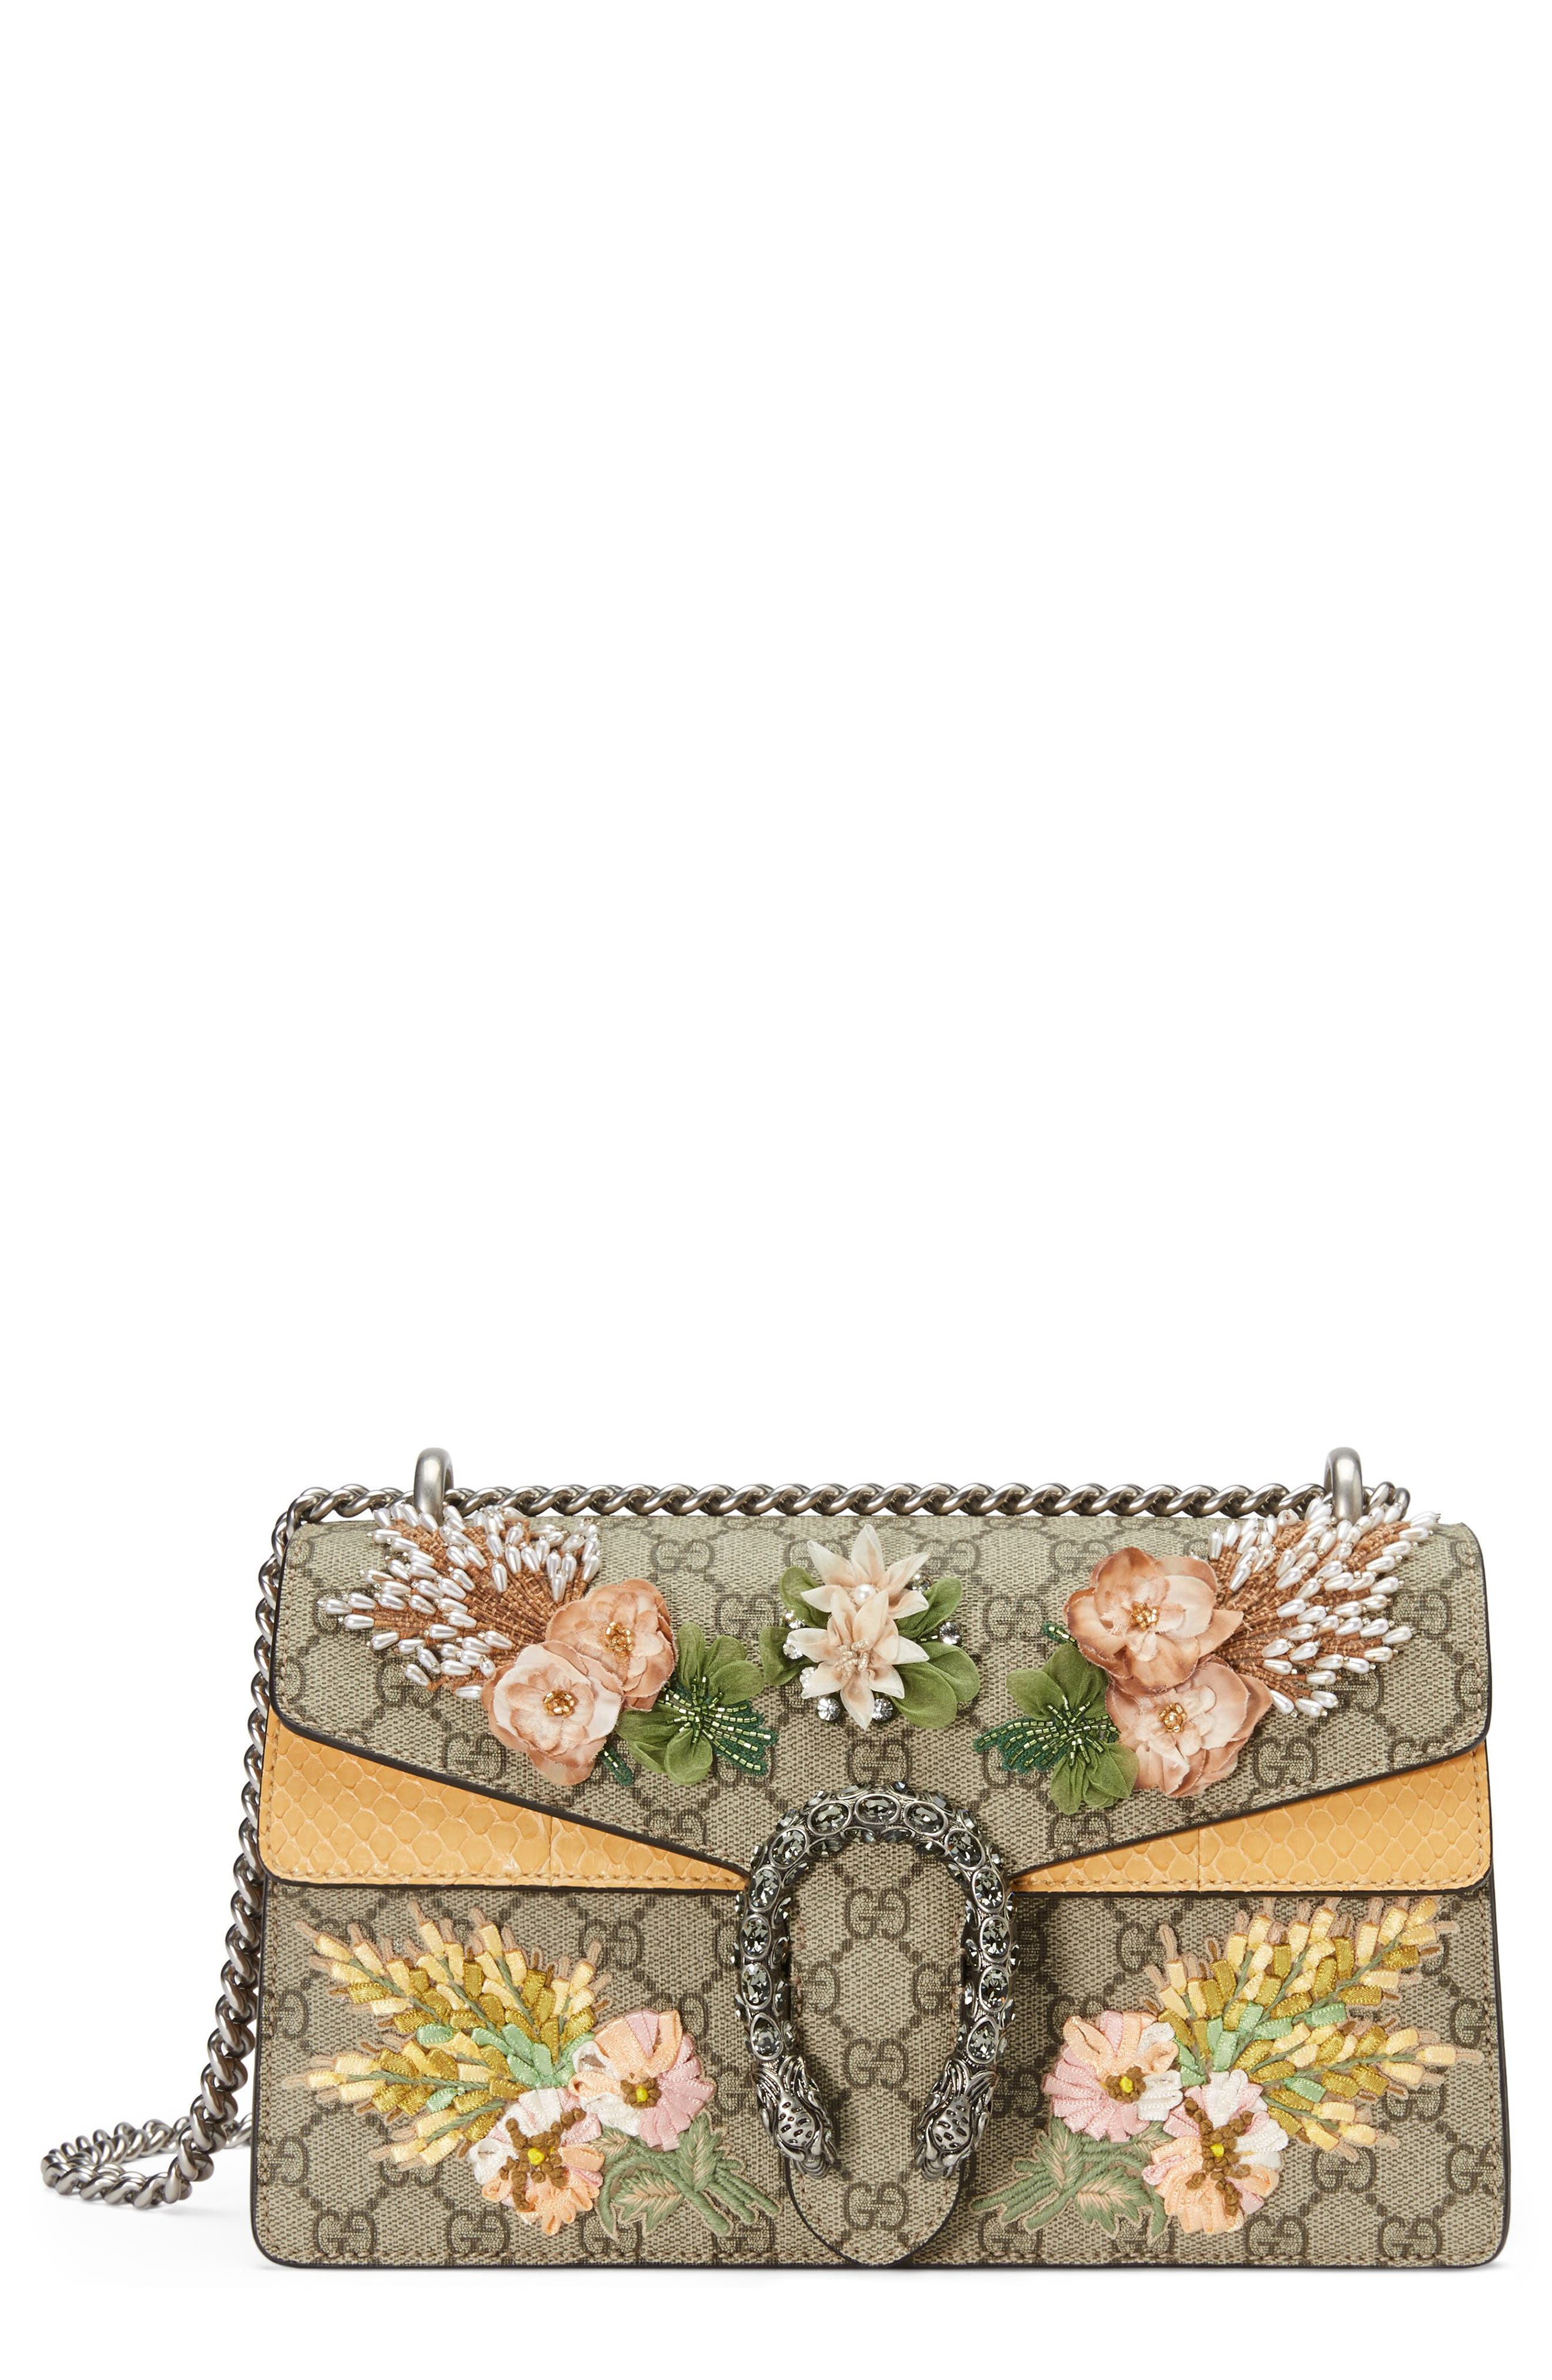 Small Dionysus Embellished GG Supreme & Genuine Python Shoulder Bag,                         Main,                         color, 268